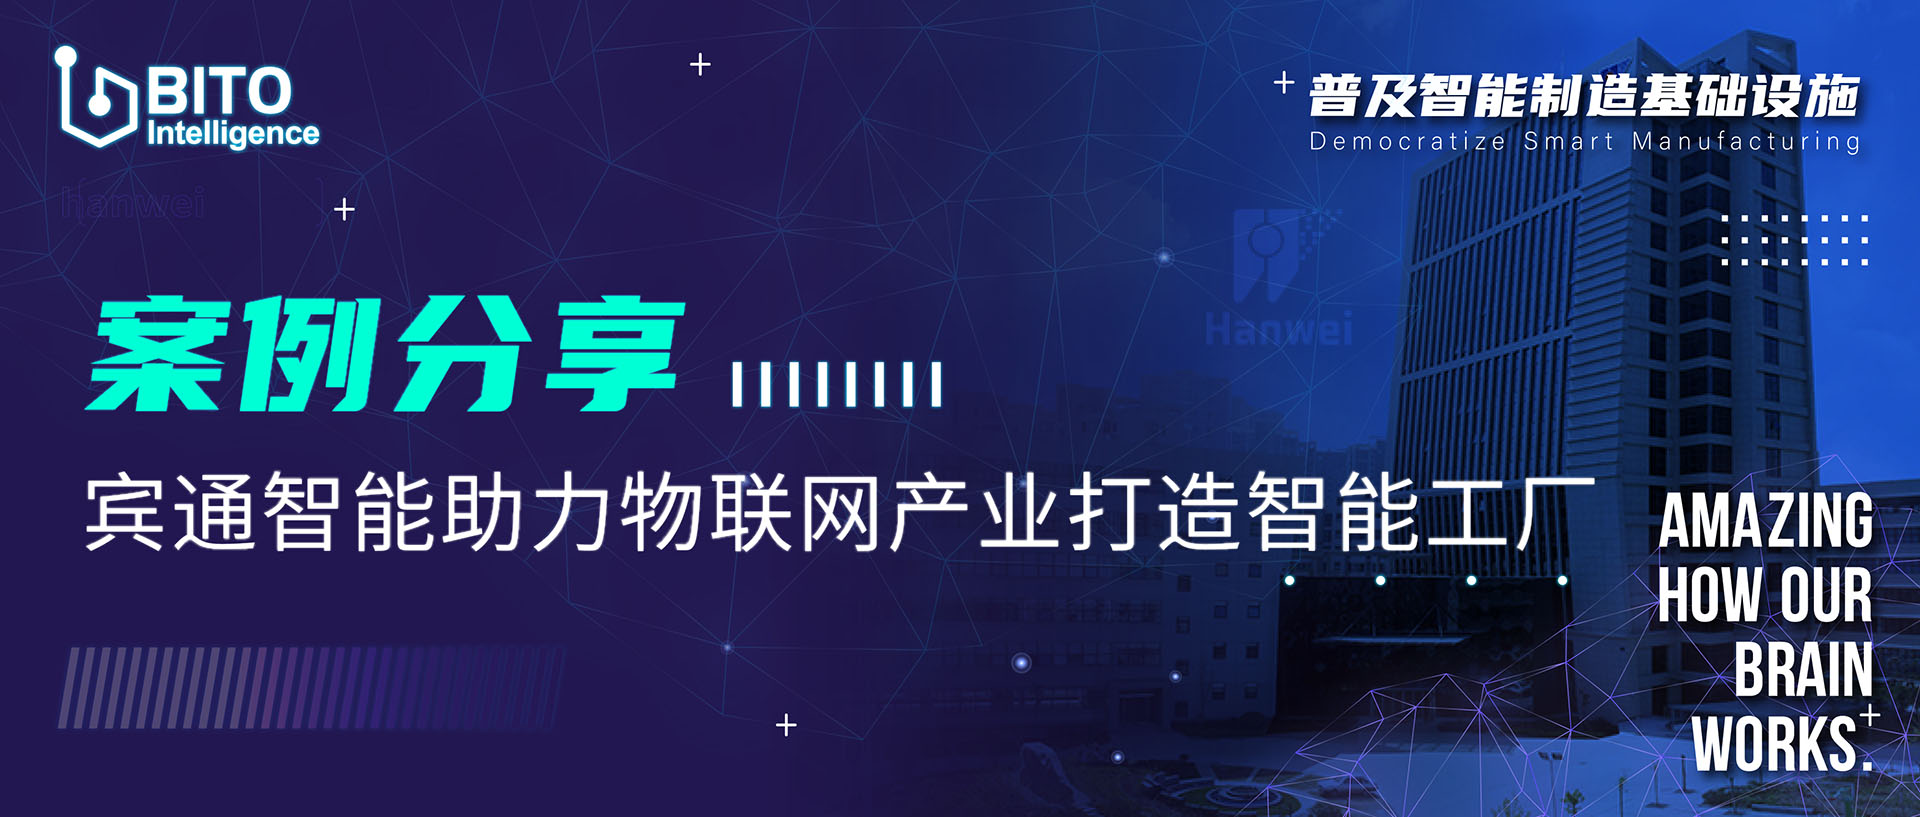 案例分享   宾通智能助力物联网产业打造智能工厂